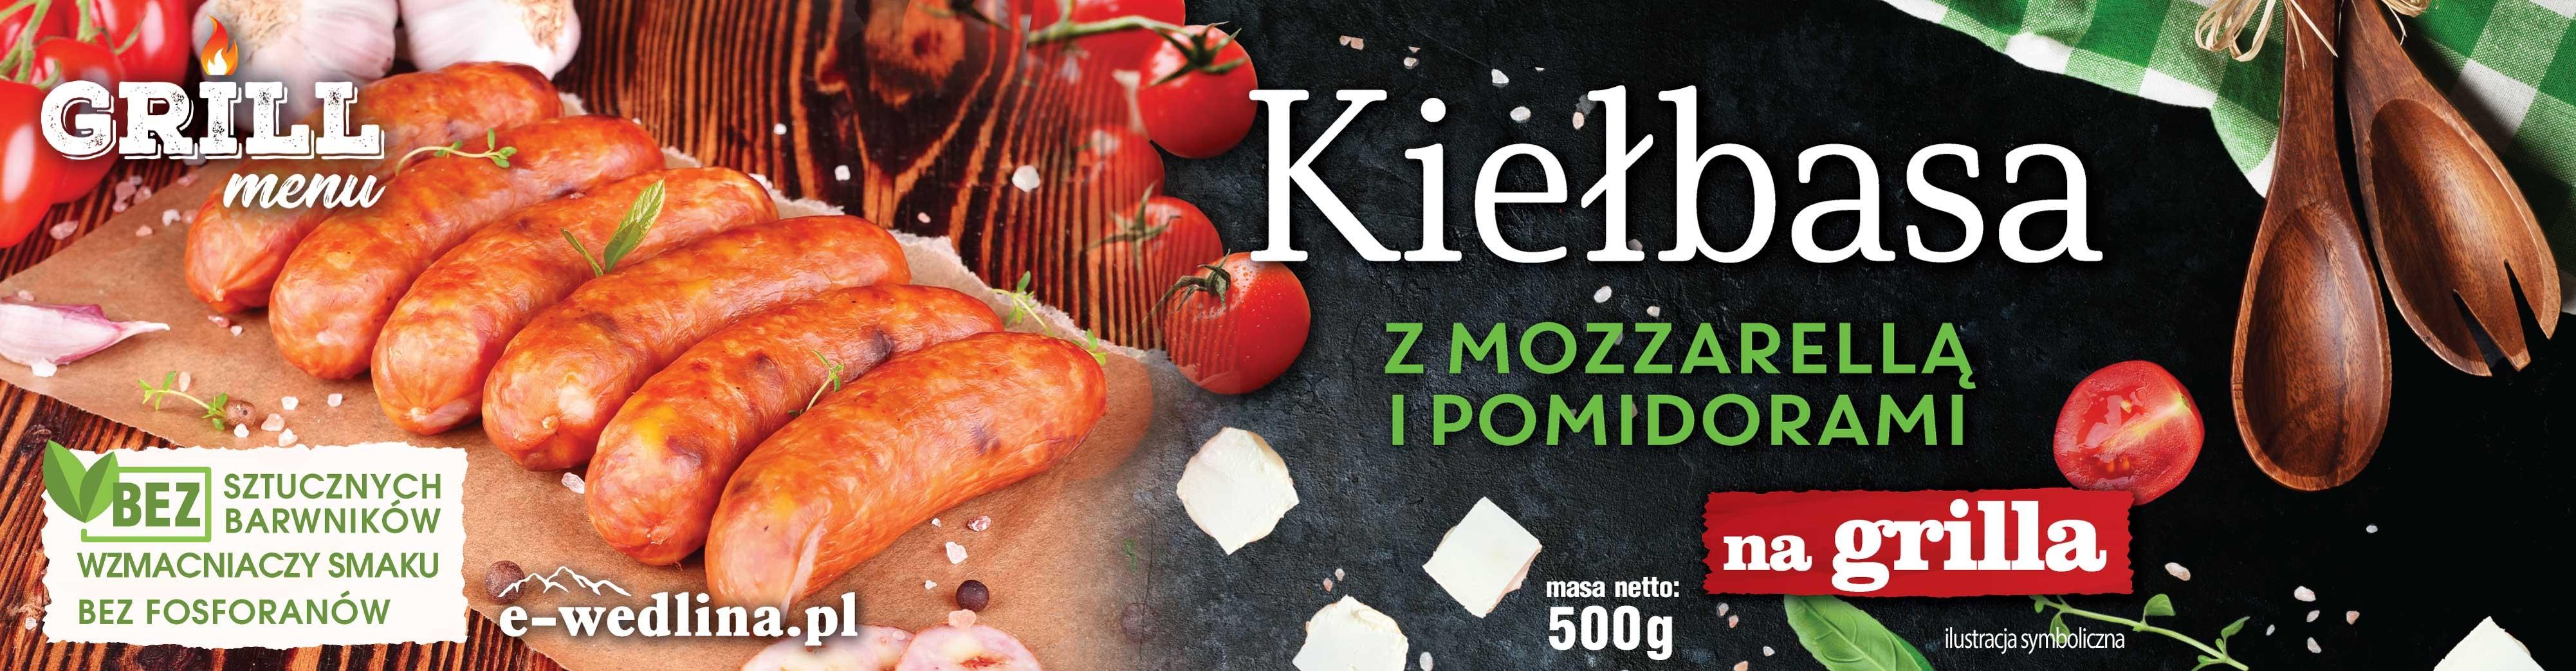 Kiełbasa z Mozzarellą i pomidorami na grilla